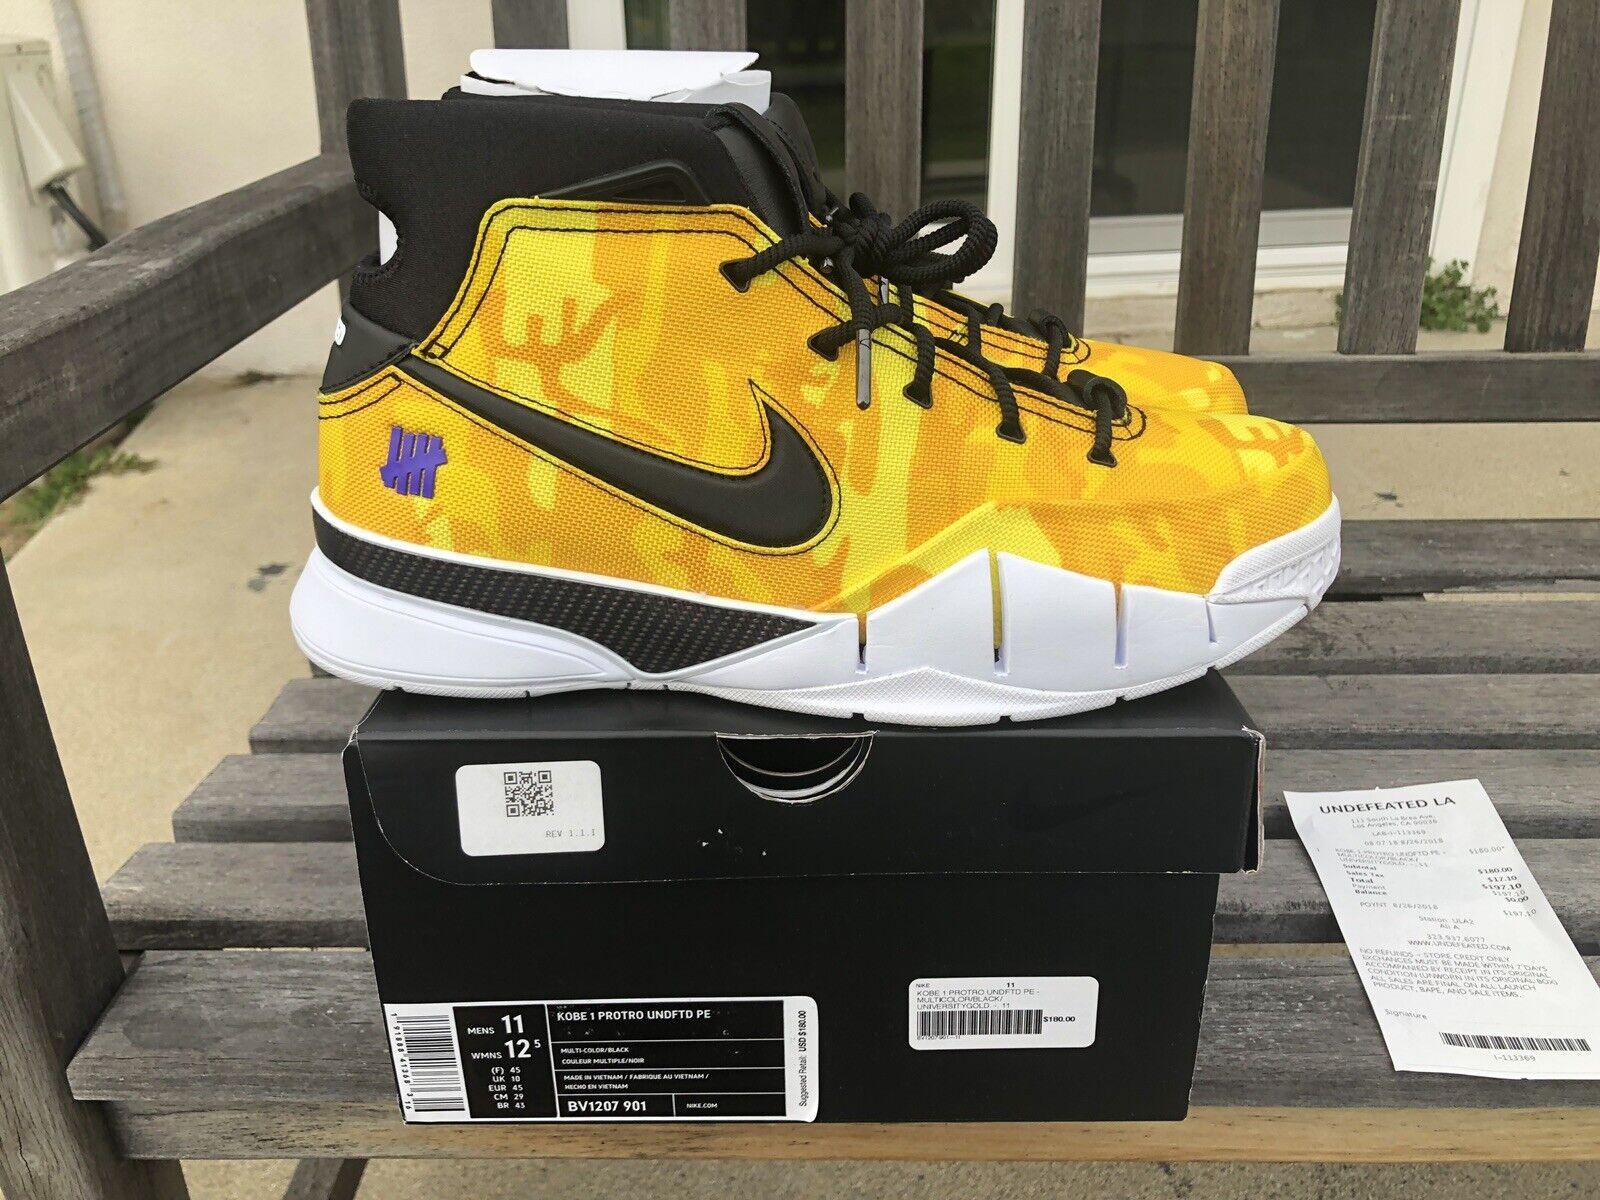 Nike Kobe 1 PredRO Undefeated PE Yellow Camo Le Brea Size 11 Ds New BV1207-901